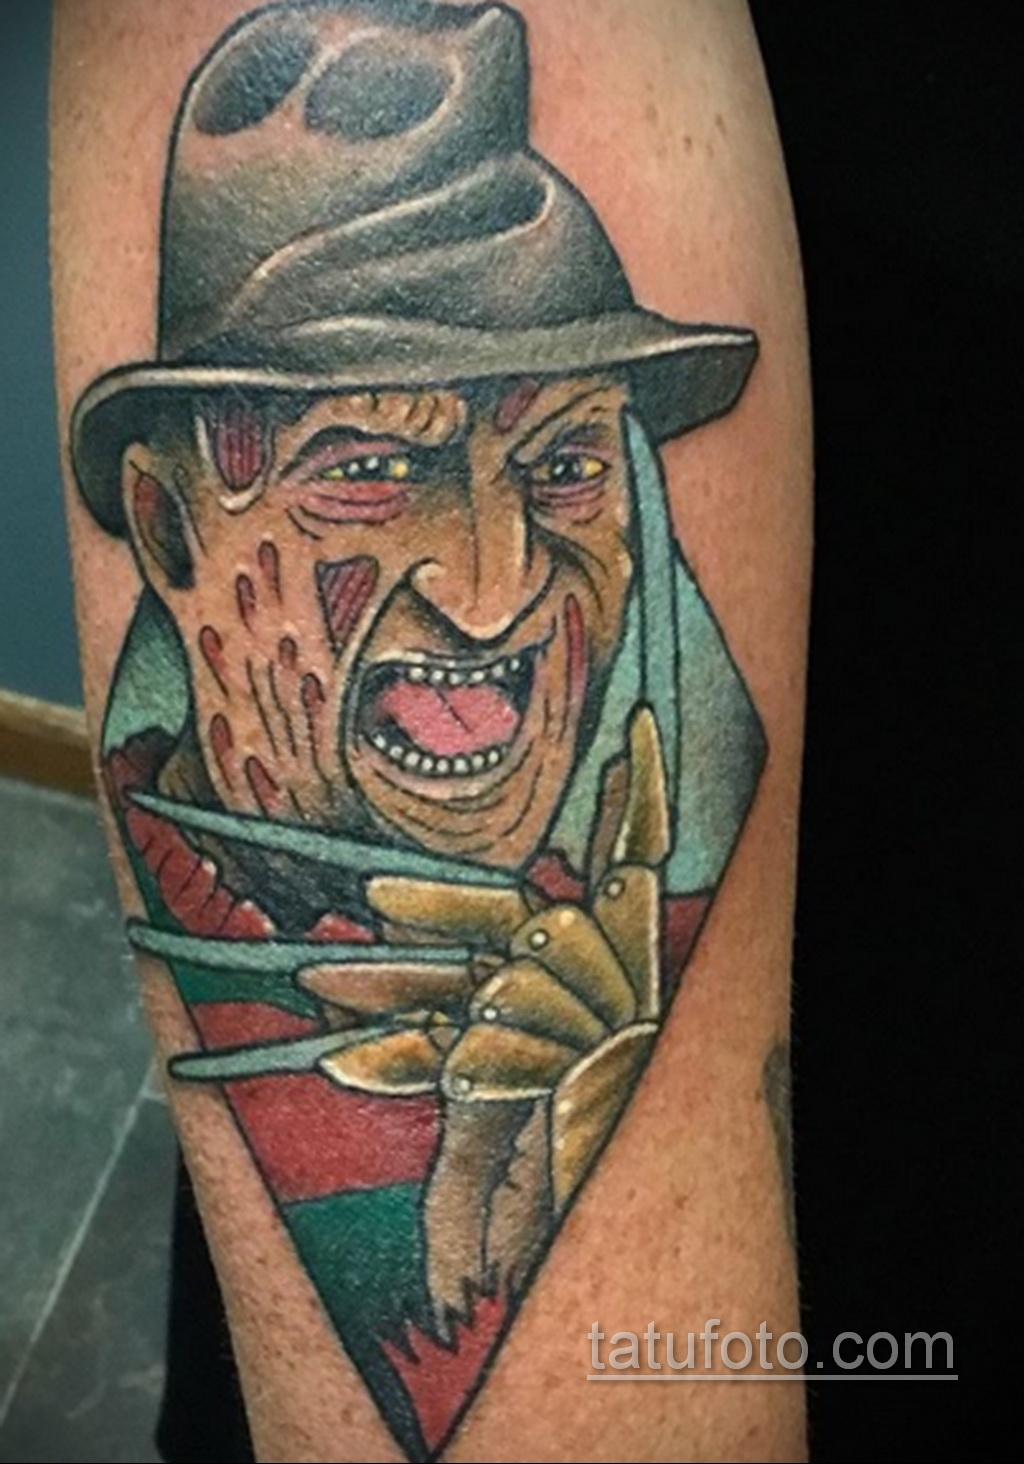 Фото тату с Фредди Крюгером 12.10.2020 №056 -freddy krueger tattoo- tatufoto.com